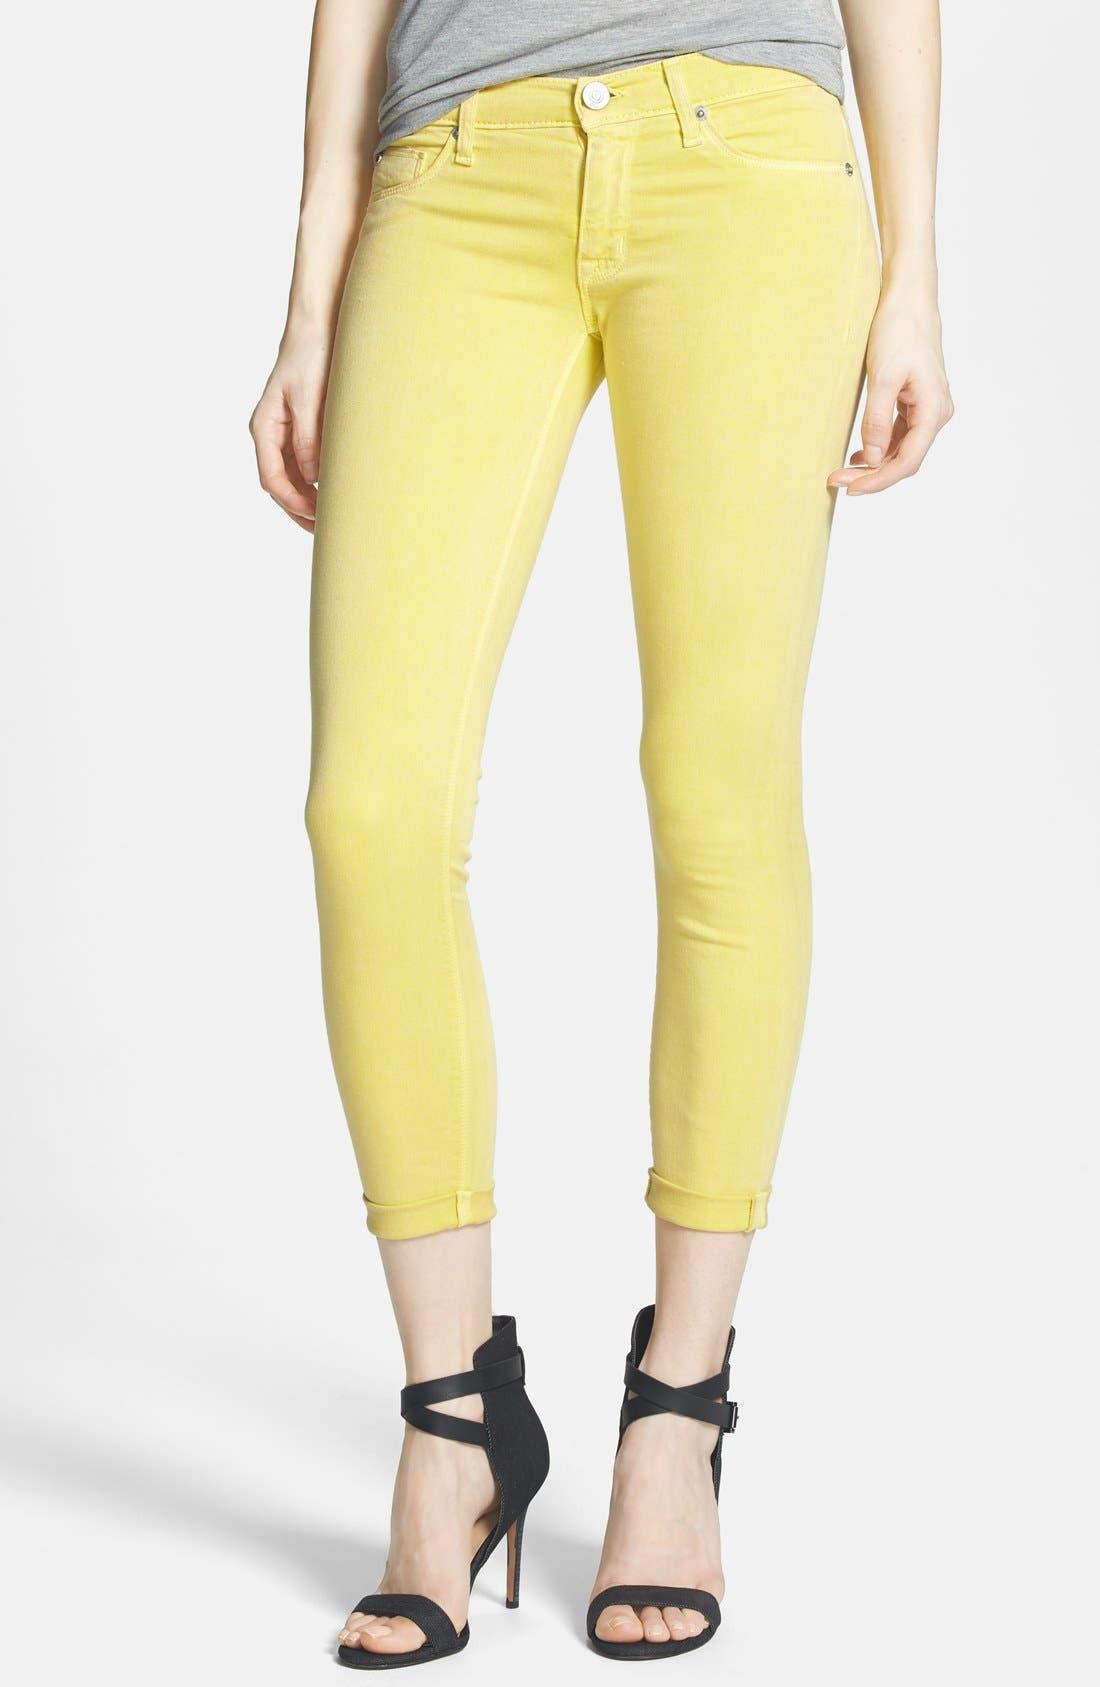 Alternate Image 1 Selected - Hudson Jeans Crop Super Skinny Jeans (Goldmine)